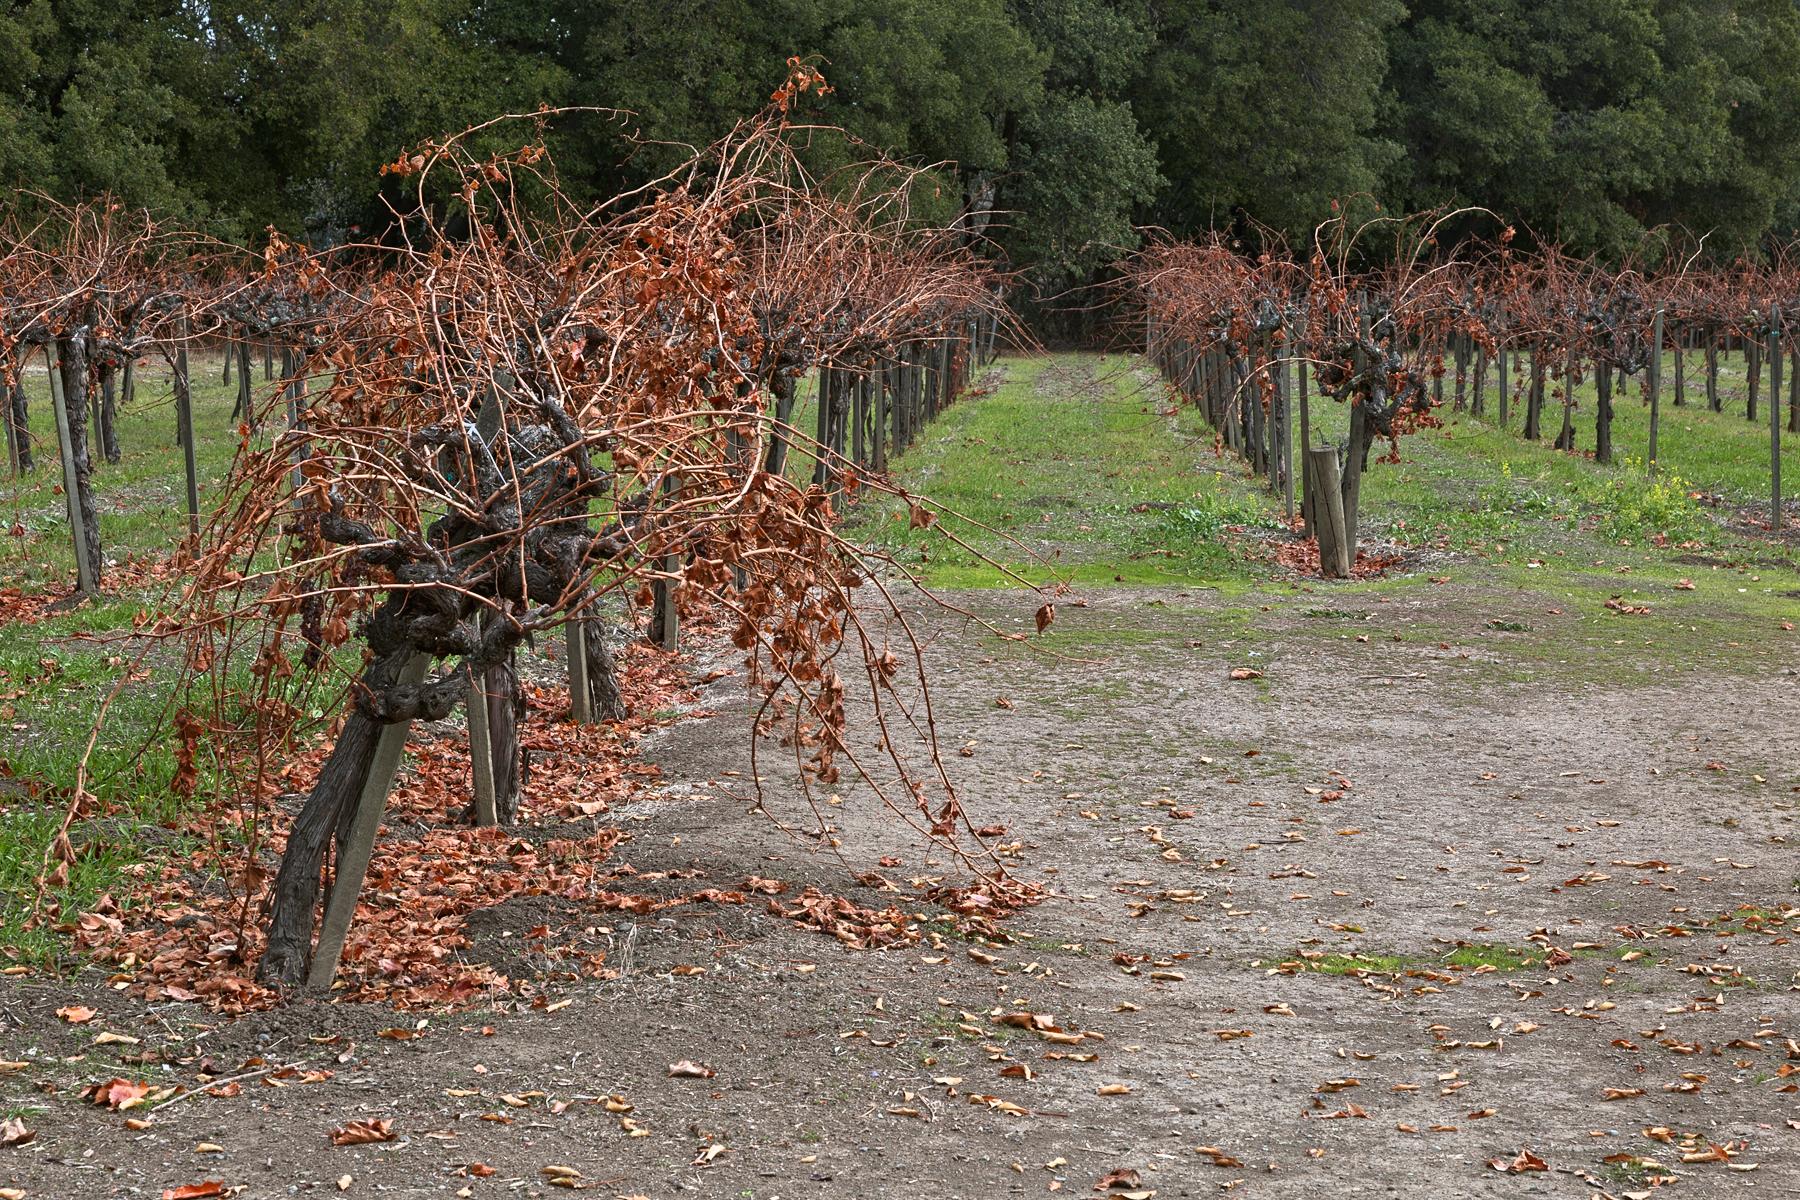 Napa valley vineyard - hdr photo